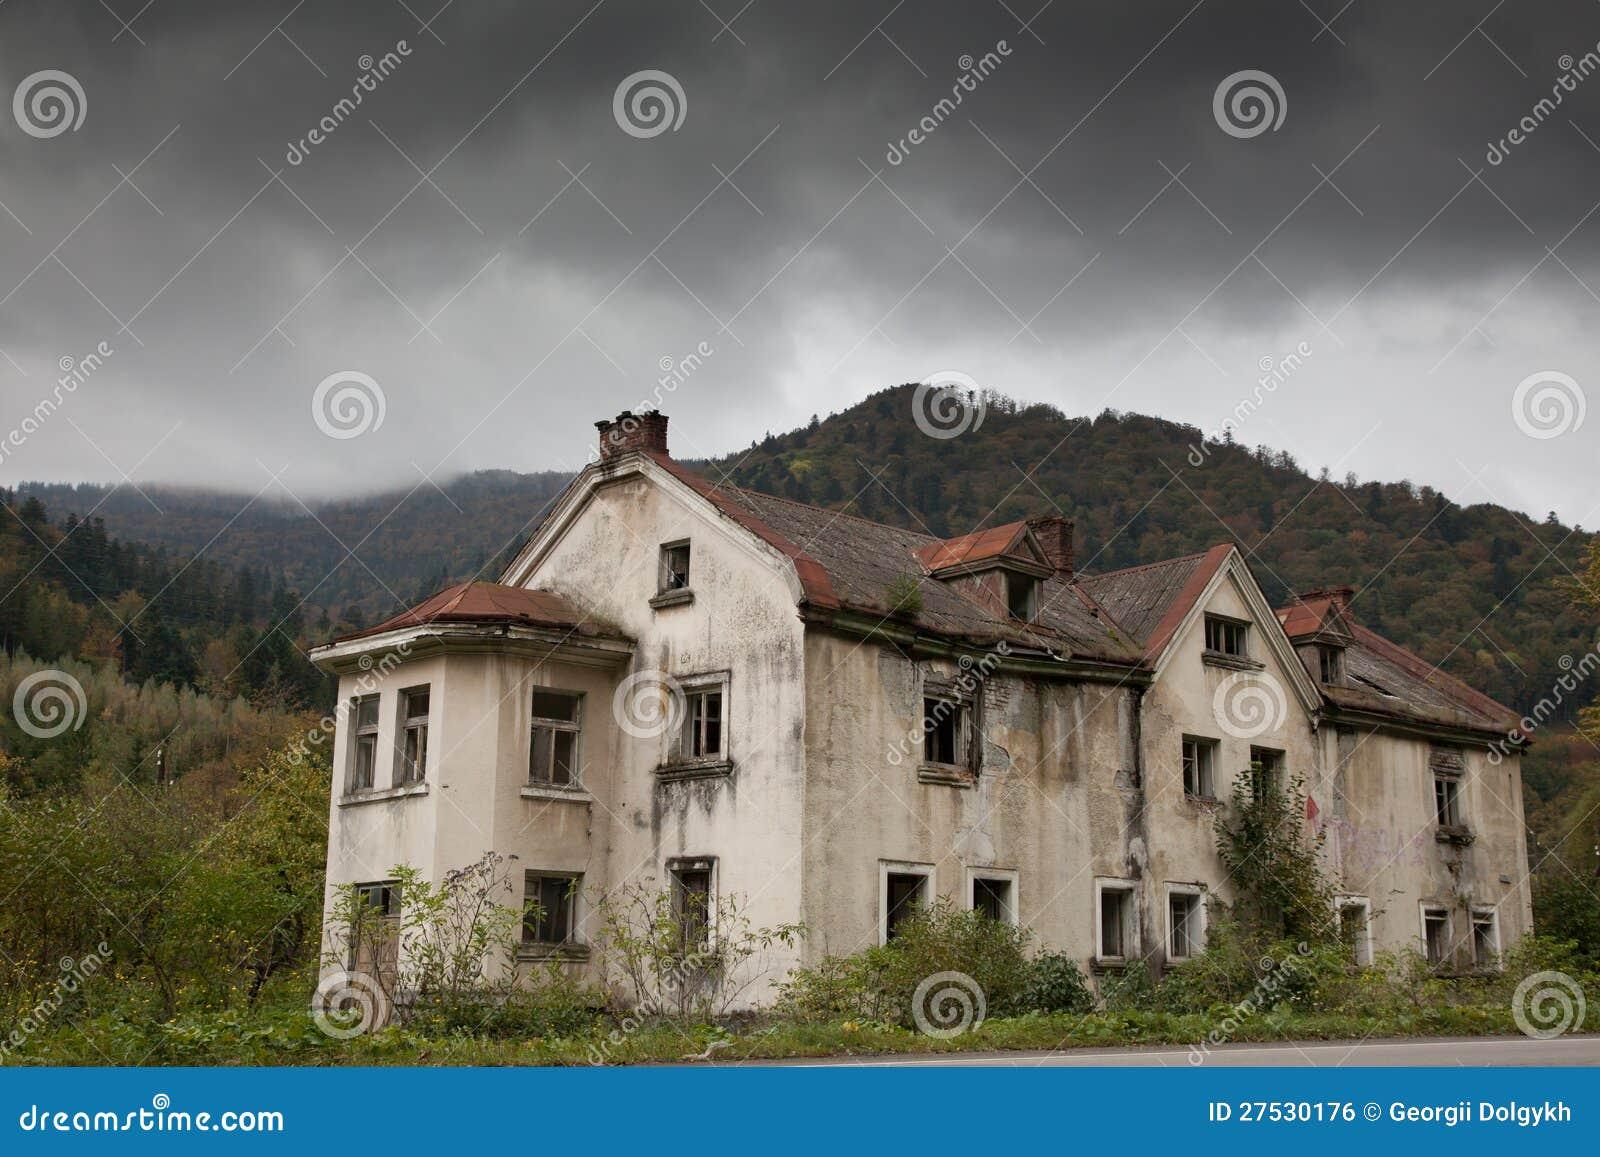 Huis Donker Hout : Somber huis in het hout stock foto afbeelding bestaande uit